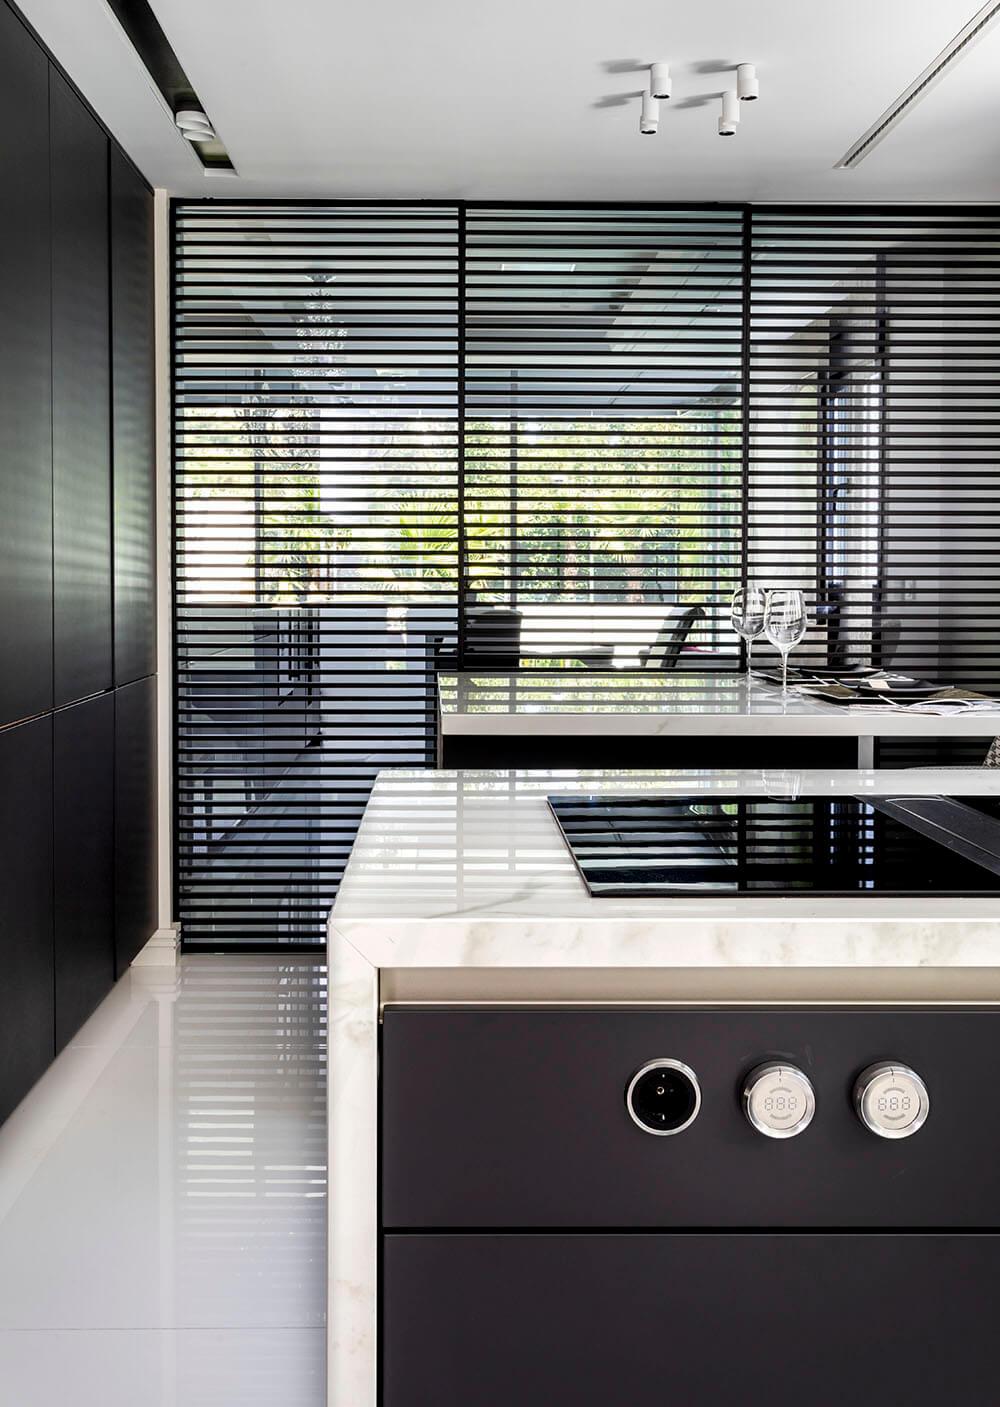 Cocina y salón integrado manteniendo a la vez la independencia mediante paneles móviles Stripe Rimadesio